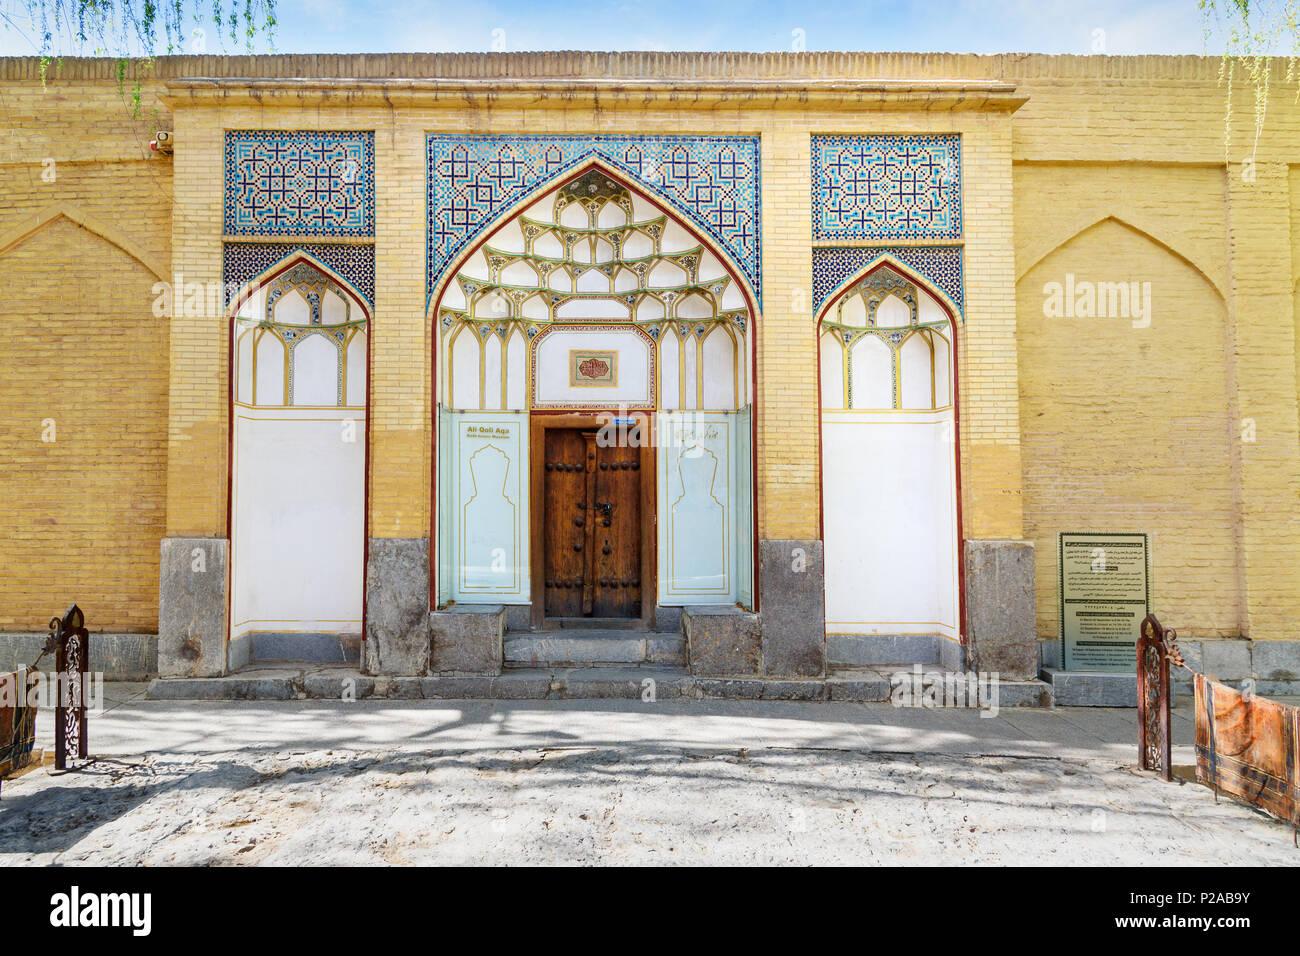 Ingresso al bagno turco e ali gholi agha è storica hammam a